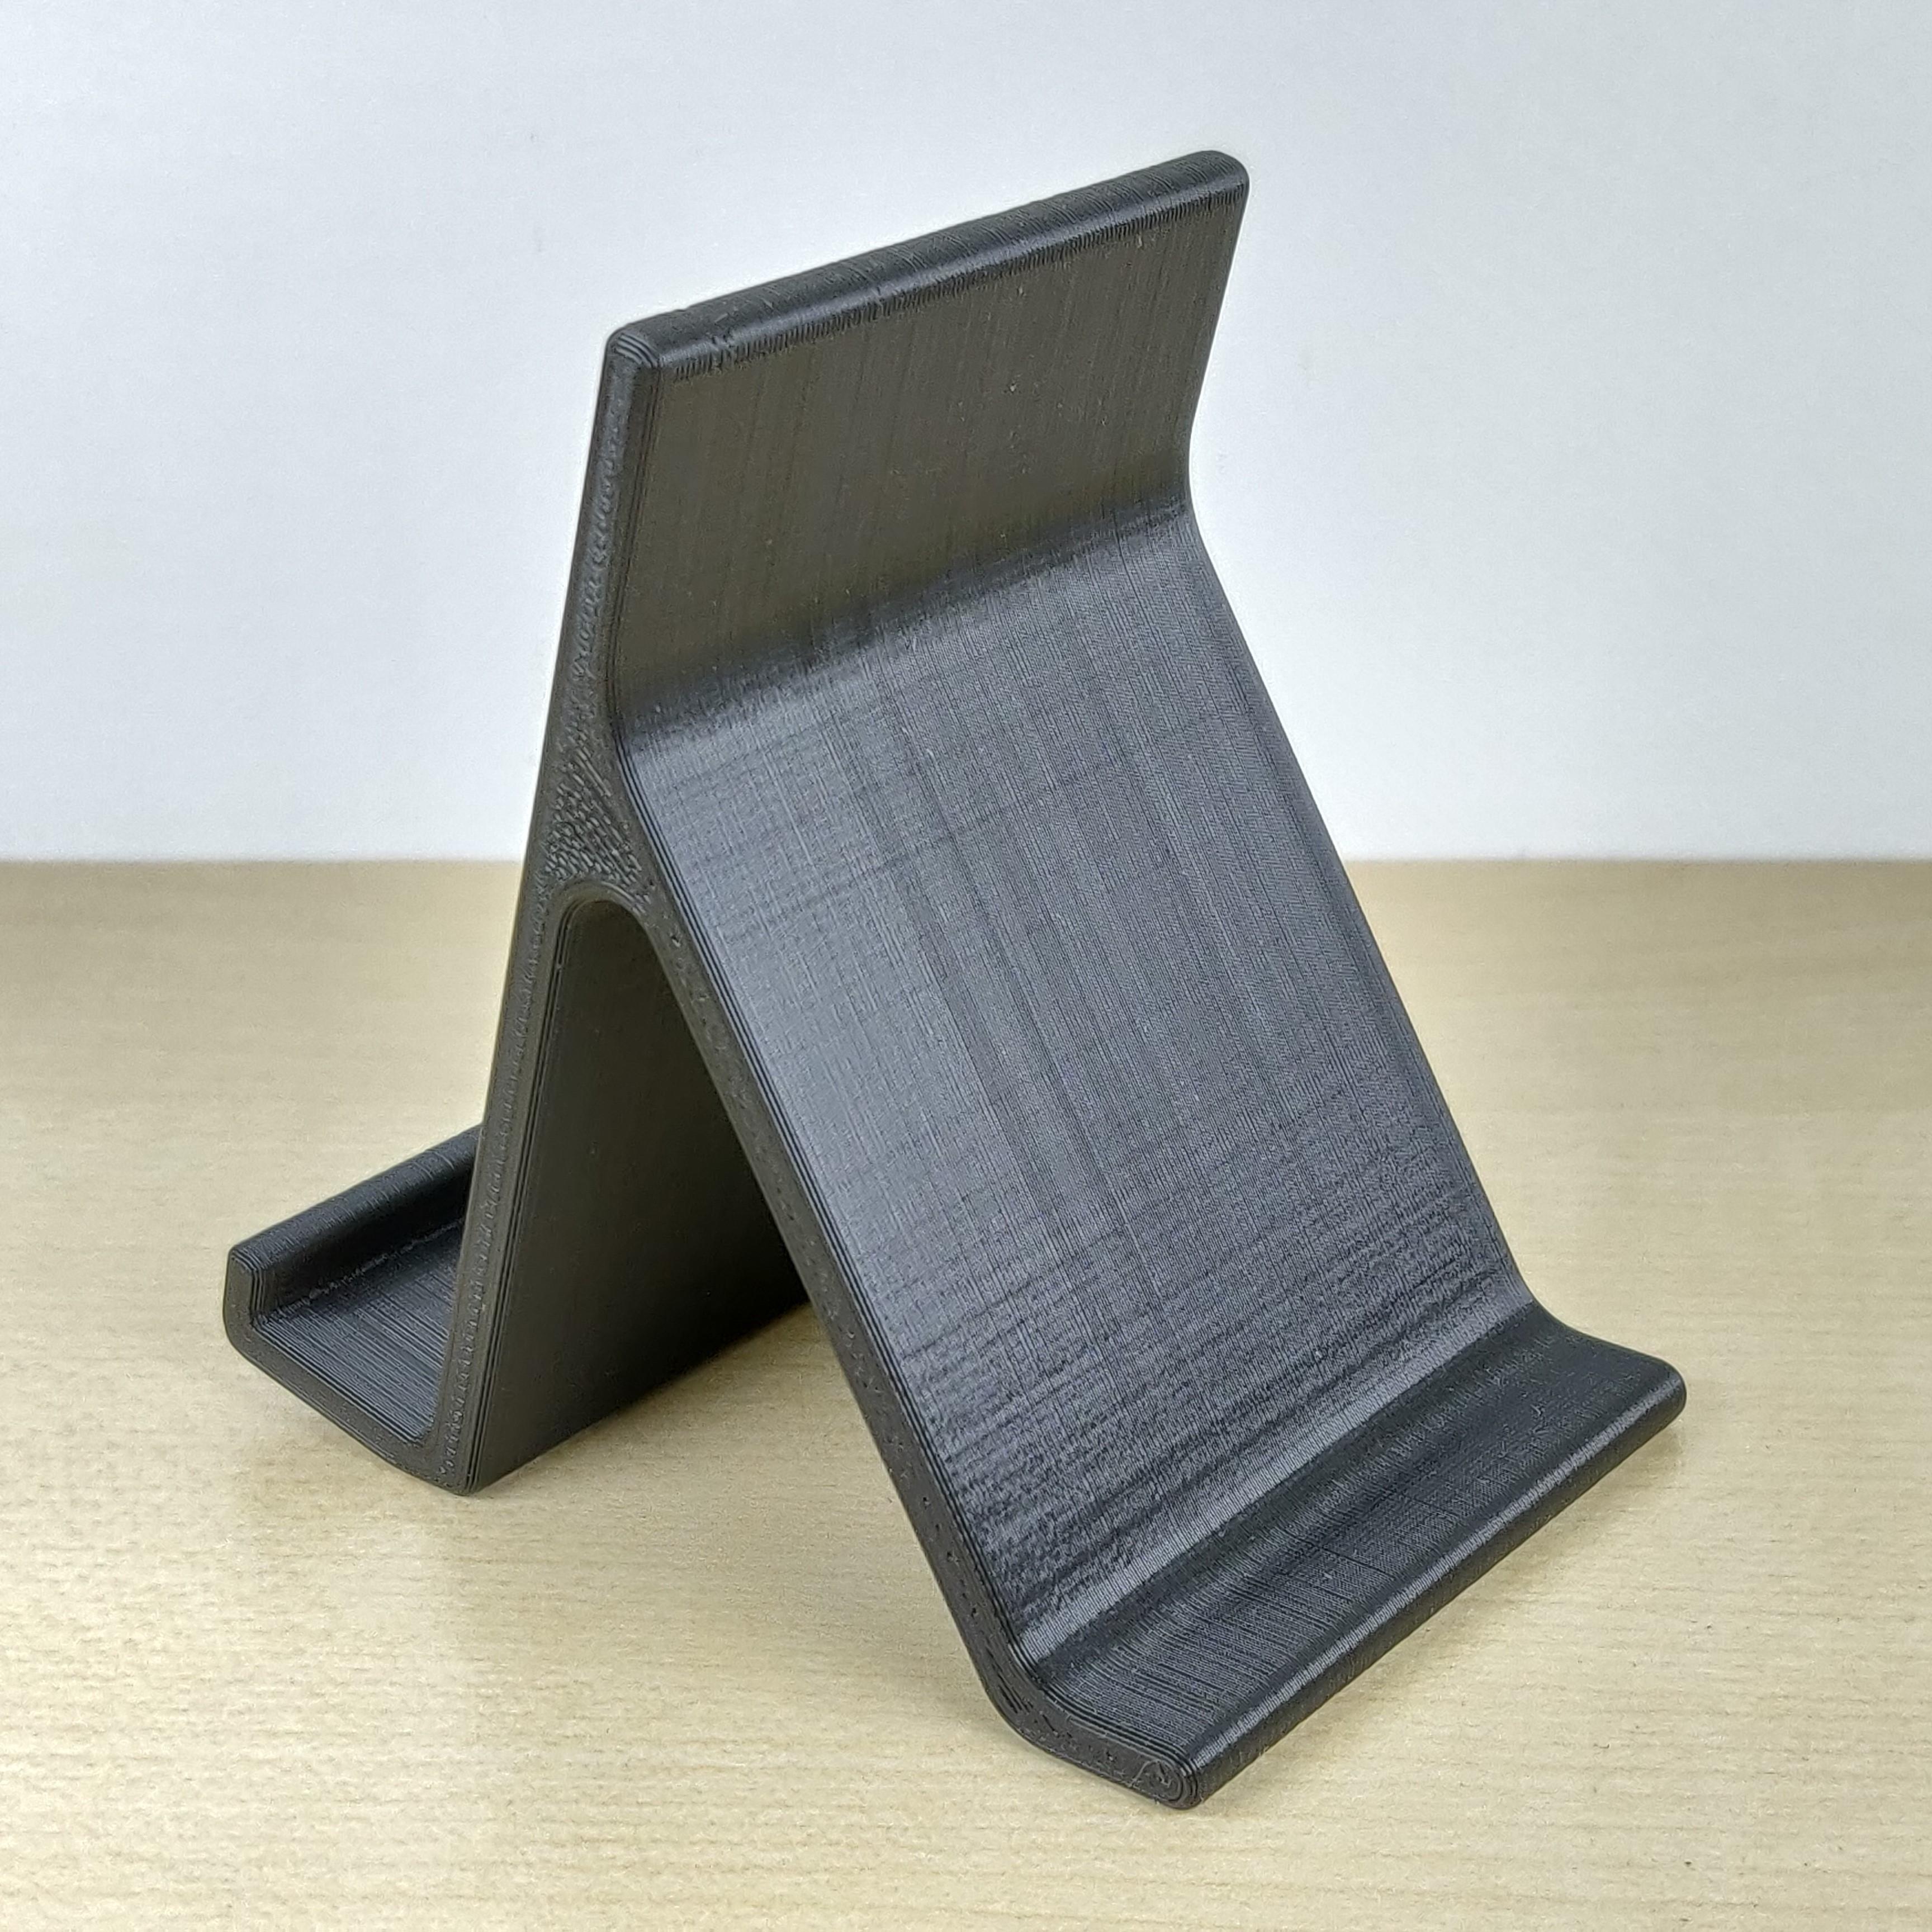 6.jpg Télécharger fichier STL gratuit Support pour smartphone • Design pour impression 3D, IDeMa_3D